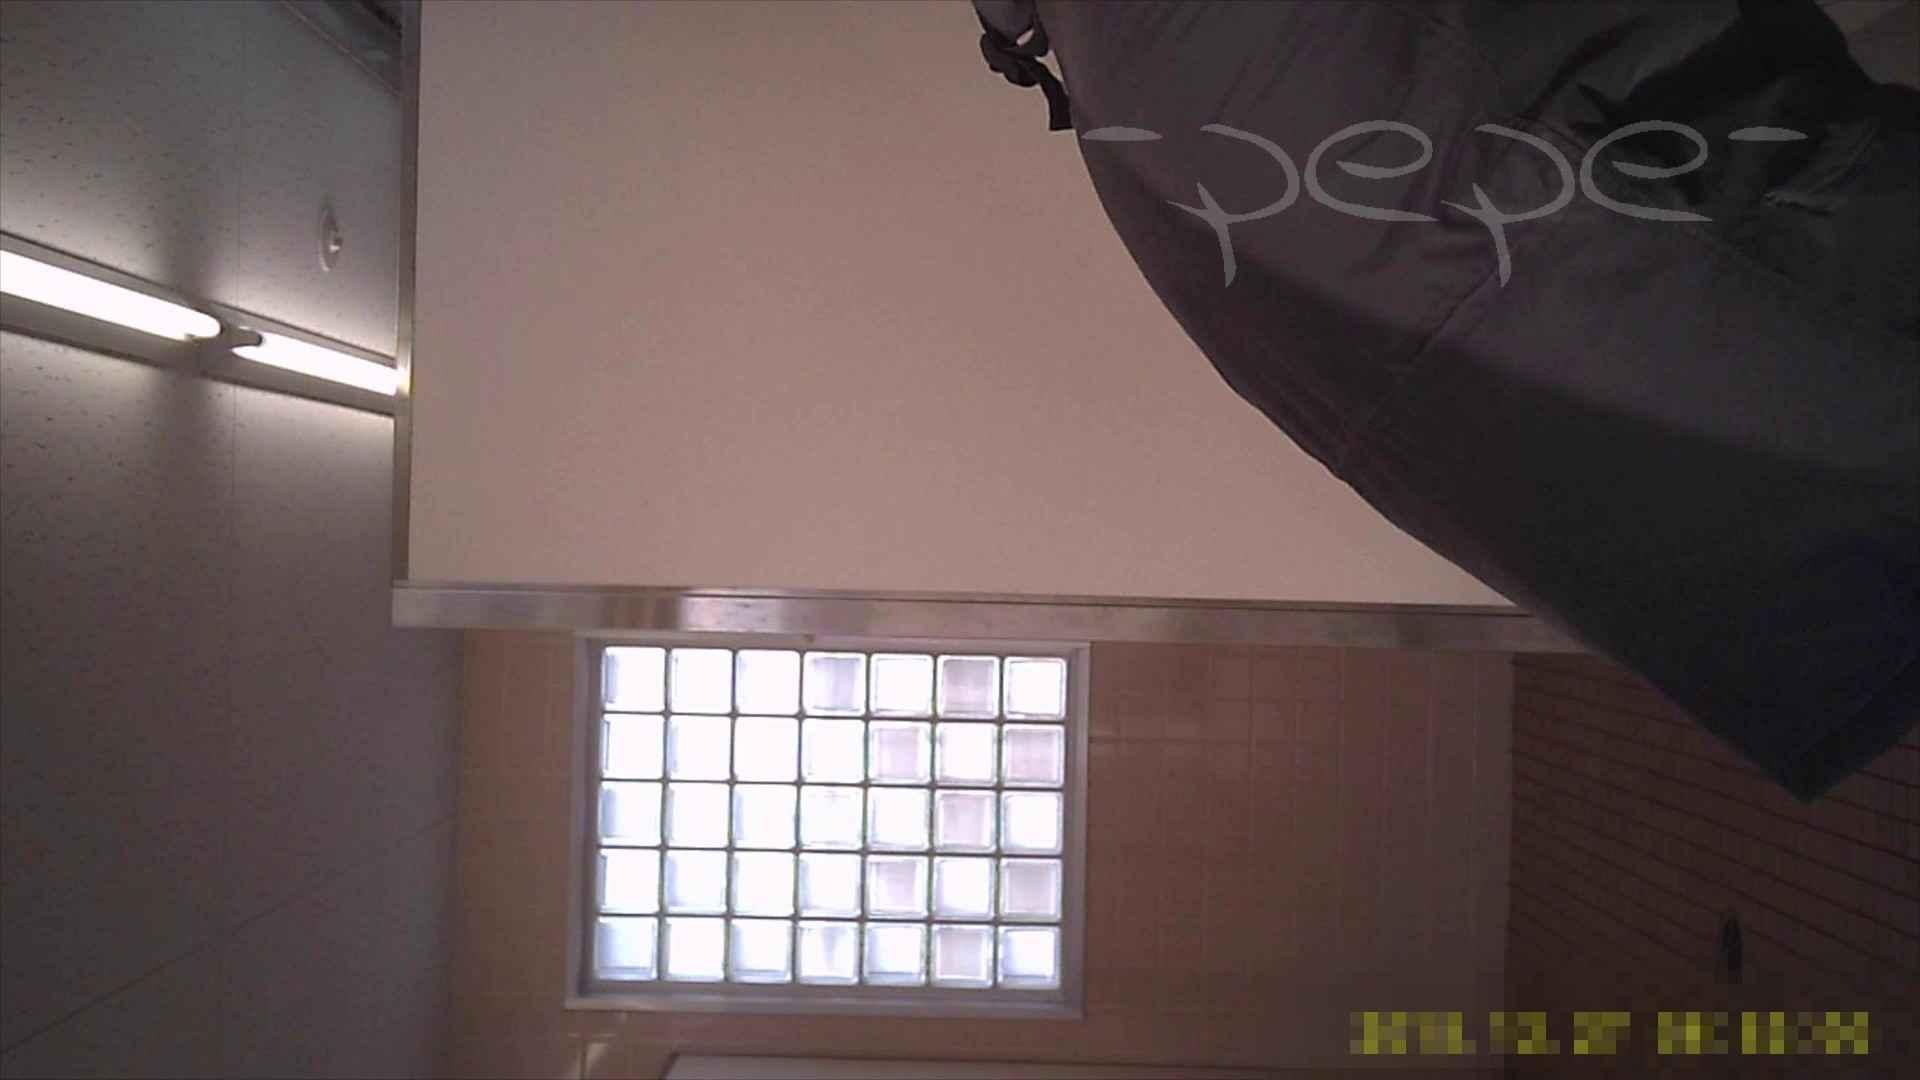 至高洗面所盗撮 31 至高体育館2カメ撮り今回は、年齢層高めで!! 体育館   洗面所着替え  91連発 12